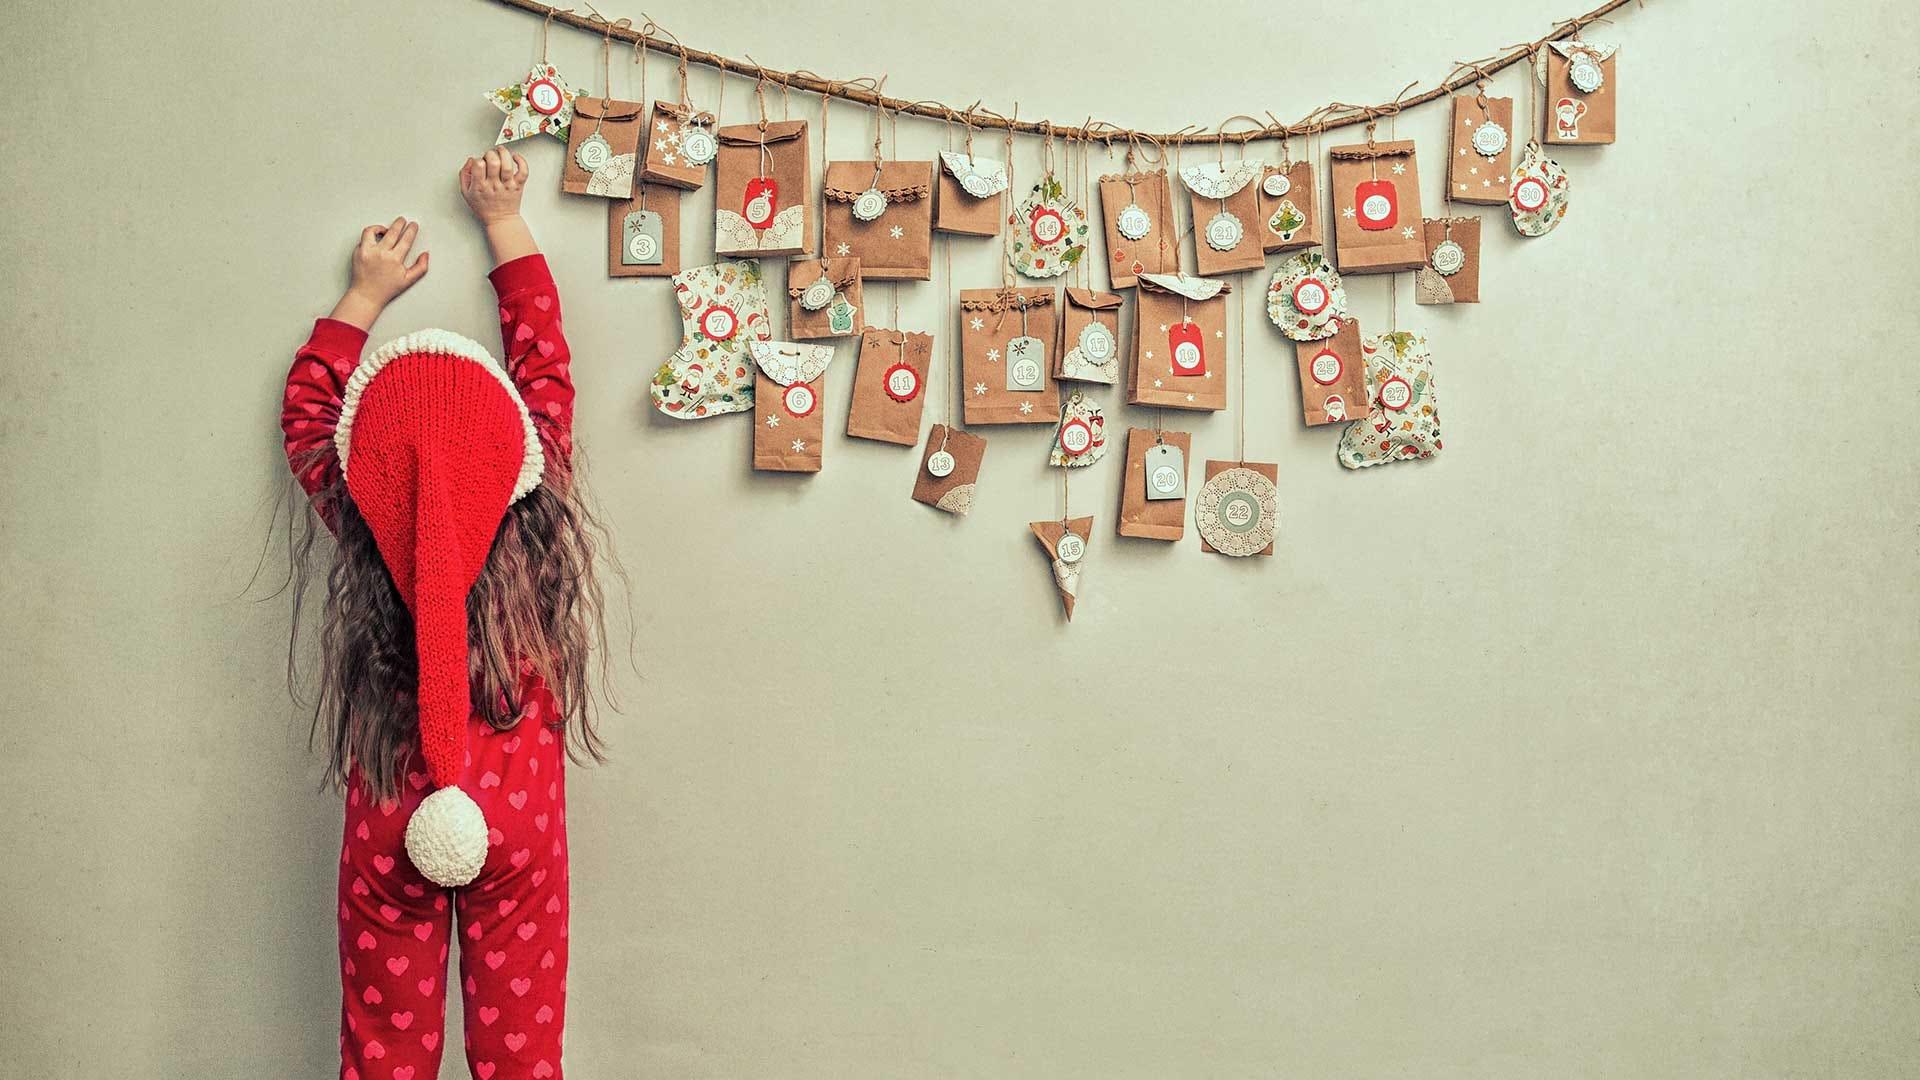 die besten adventskalender f r das z hlen auf weihnachten mit ihren kindern. Black Bedroom Furniture Sets. Home Design Ideas